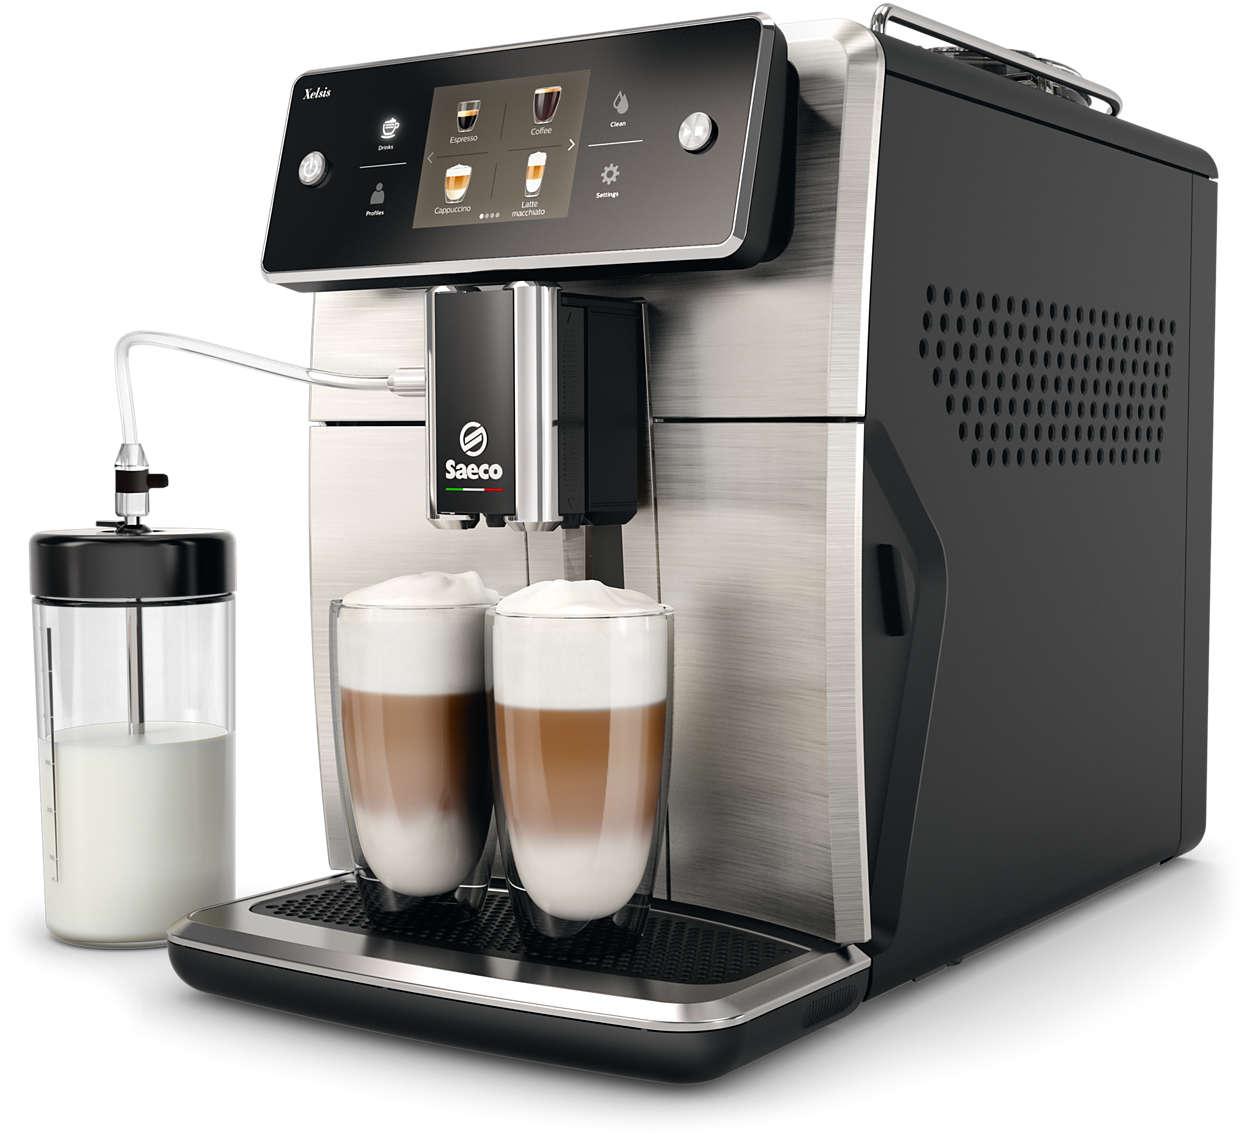 Najnaprednejši espresso kavni aparat Saeco do tega trenutka